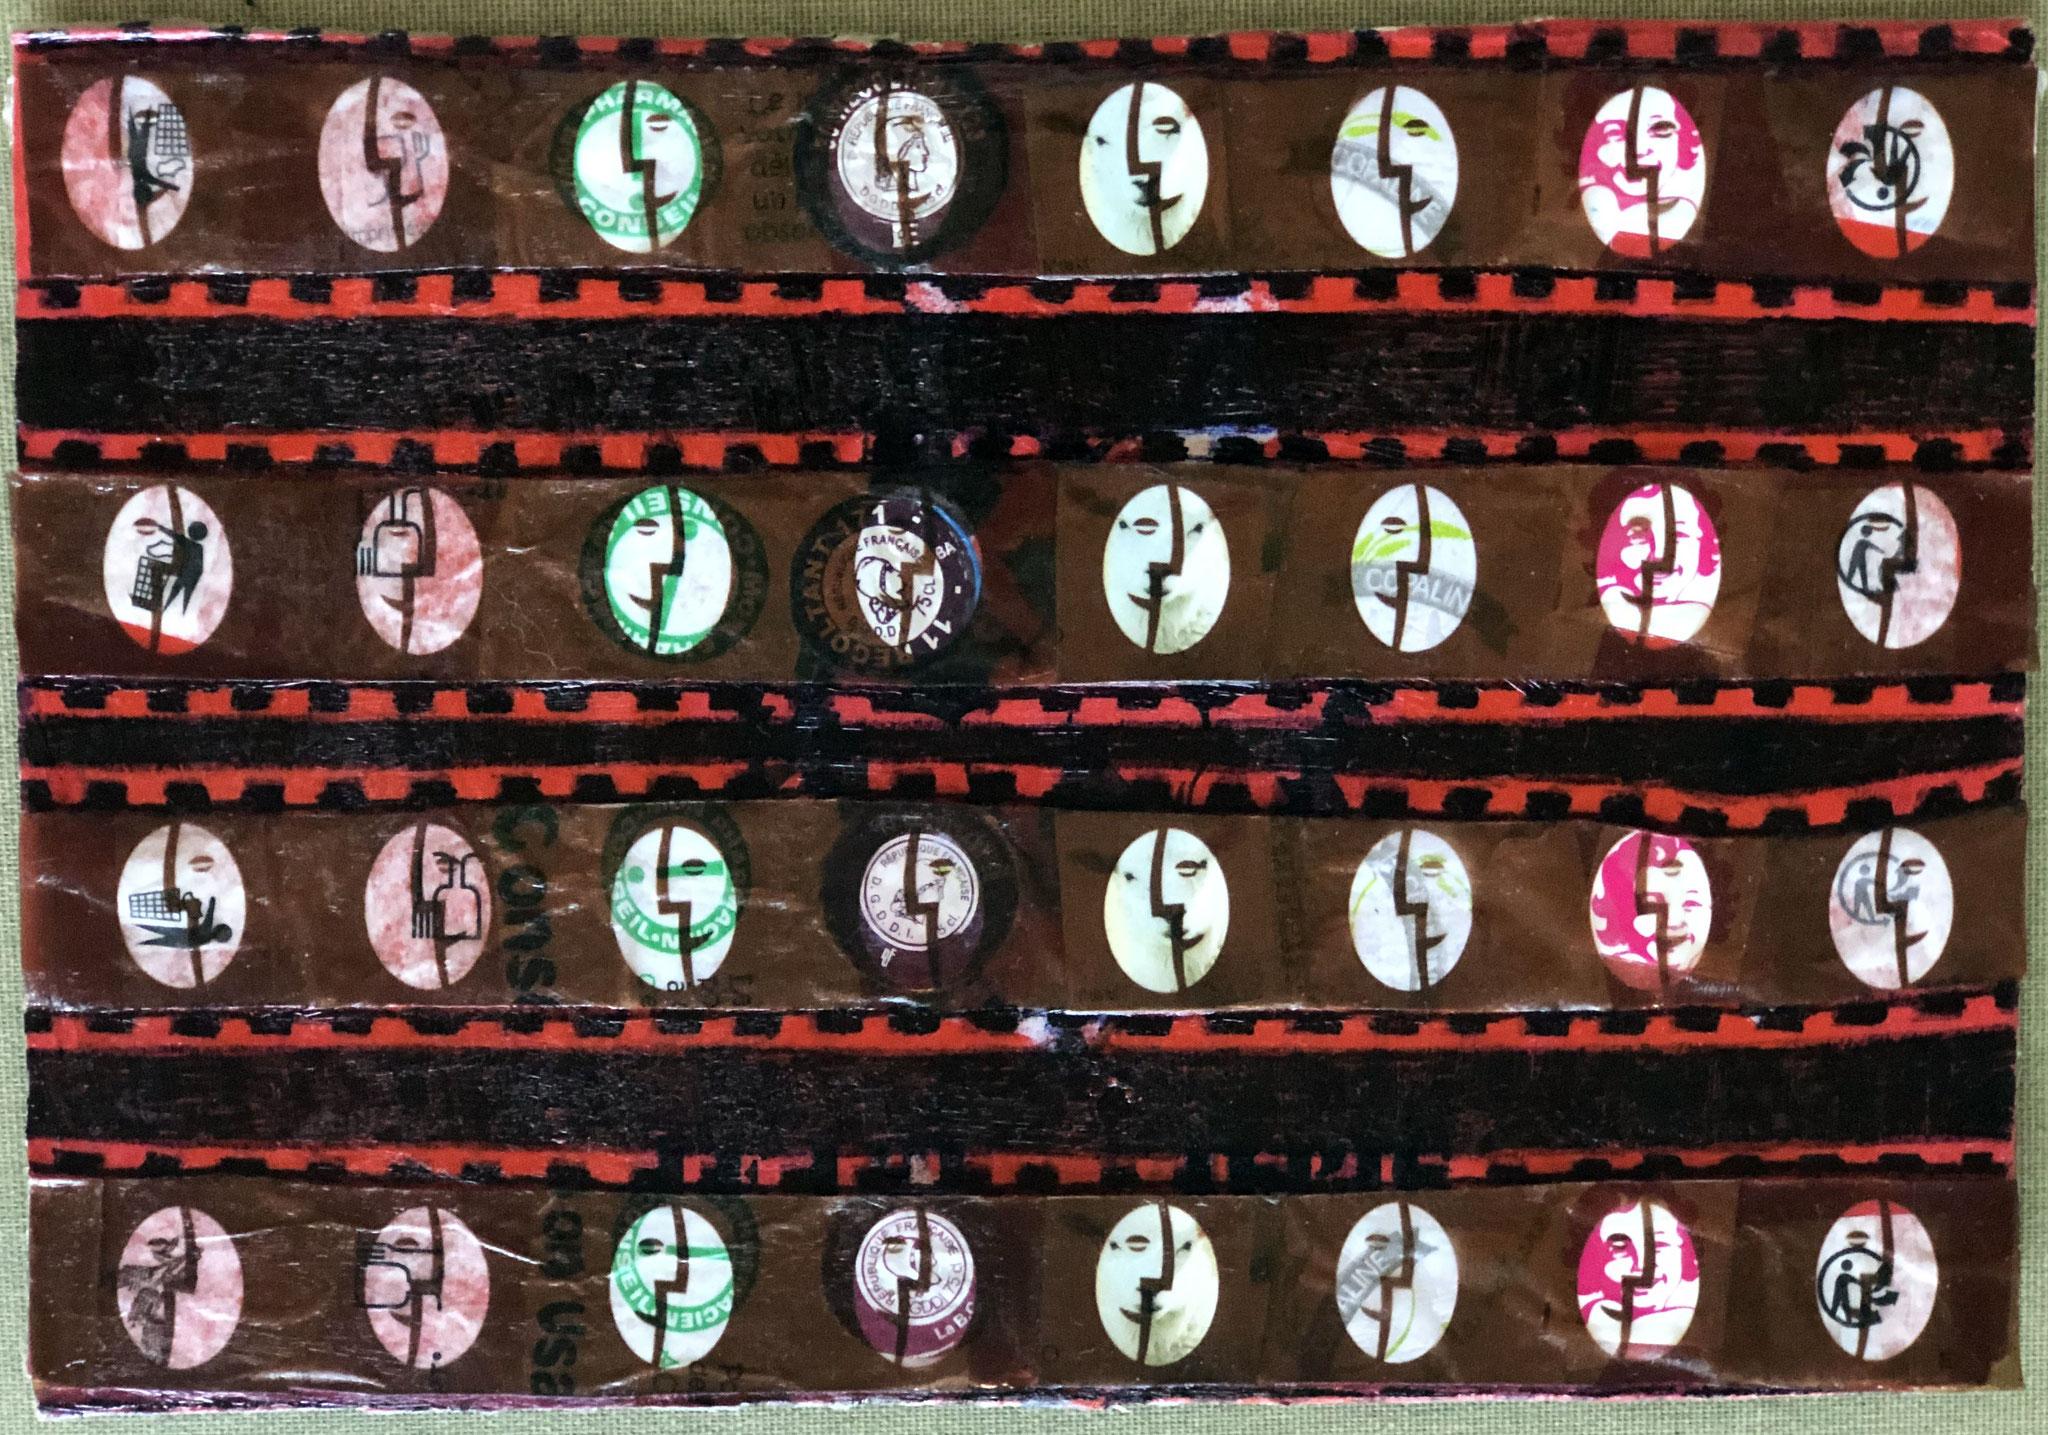 JE T'EMMÈNE AU CINÉ LE MERCREDI    Mischtechnik auf Karton - 17 x 25 cm